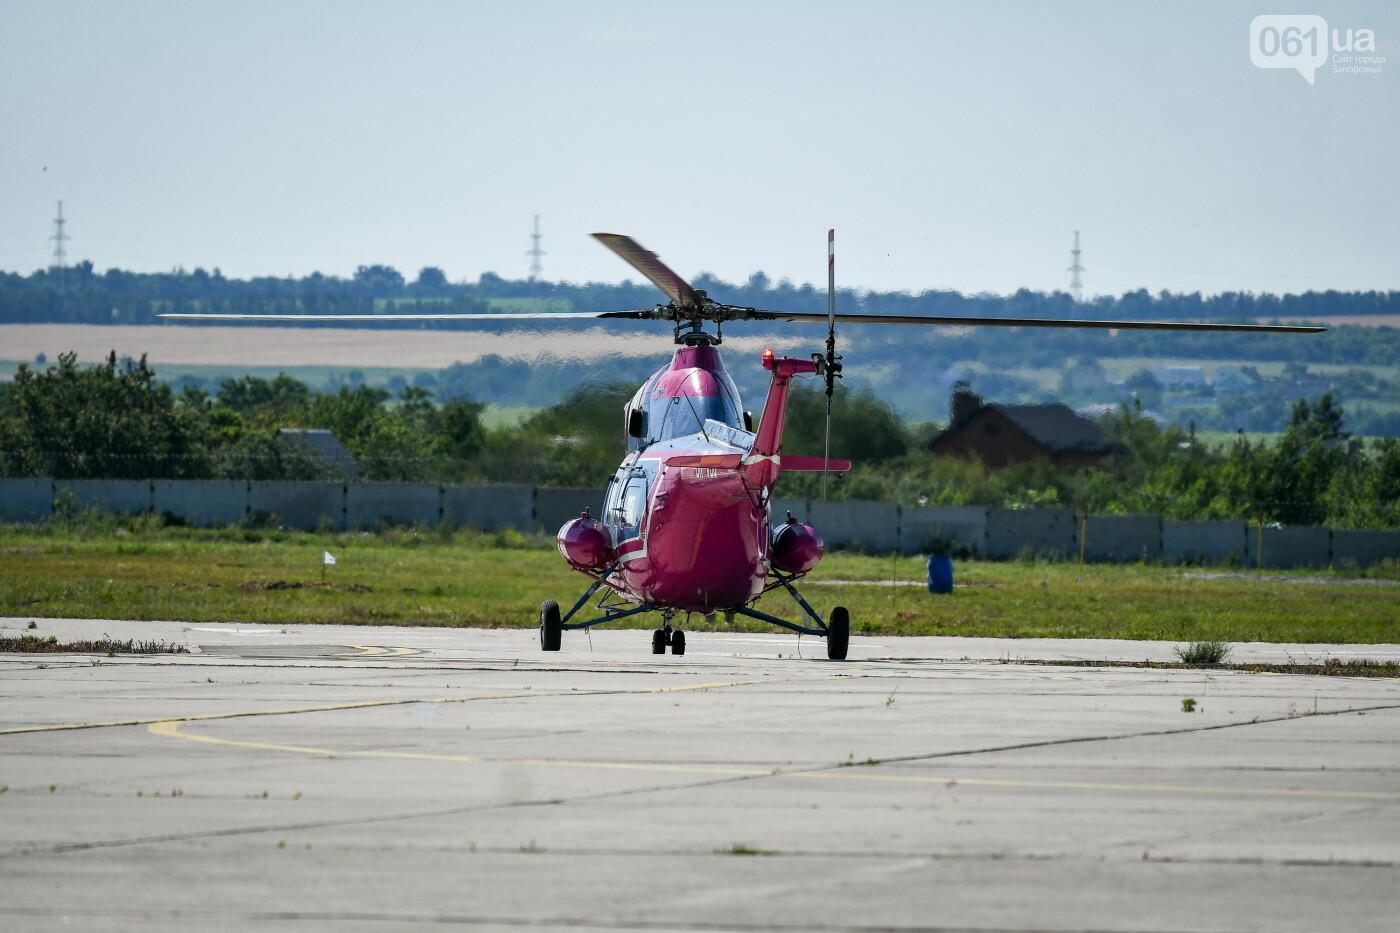 В Запорожье проходят соревнования по вертолетному спорту, - ФОТОРЕПОРТАЖ, фото-33